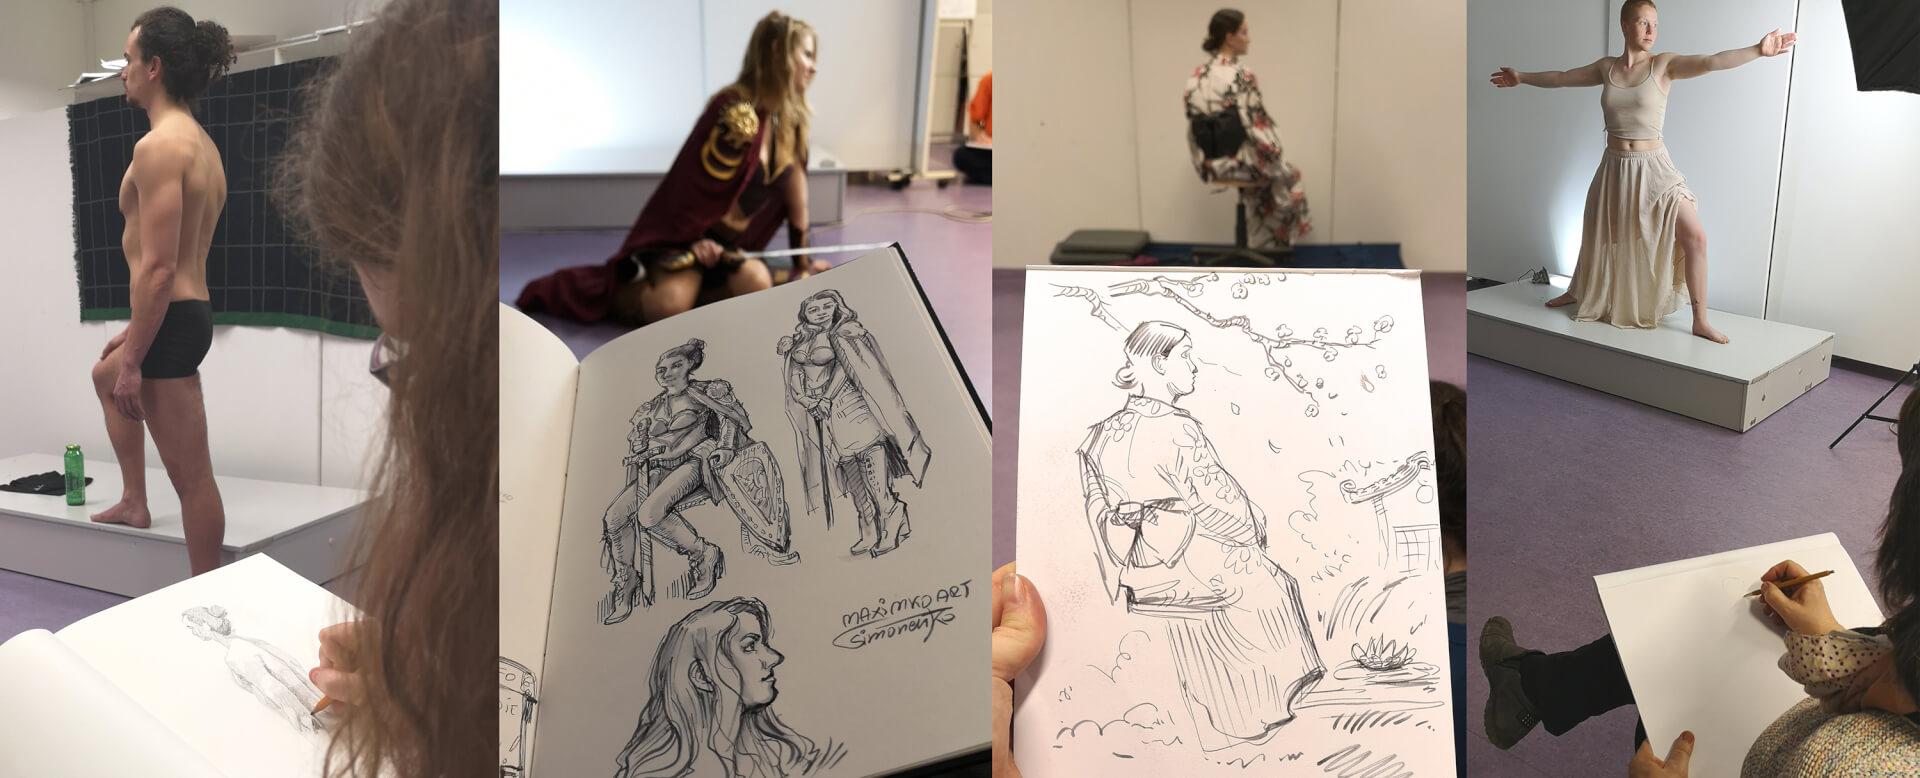 menschen zeichnen aktzeichnen live model modell frau mann anatomie zeichnen lernen volkschochschule rostock maxim simonenko